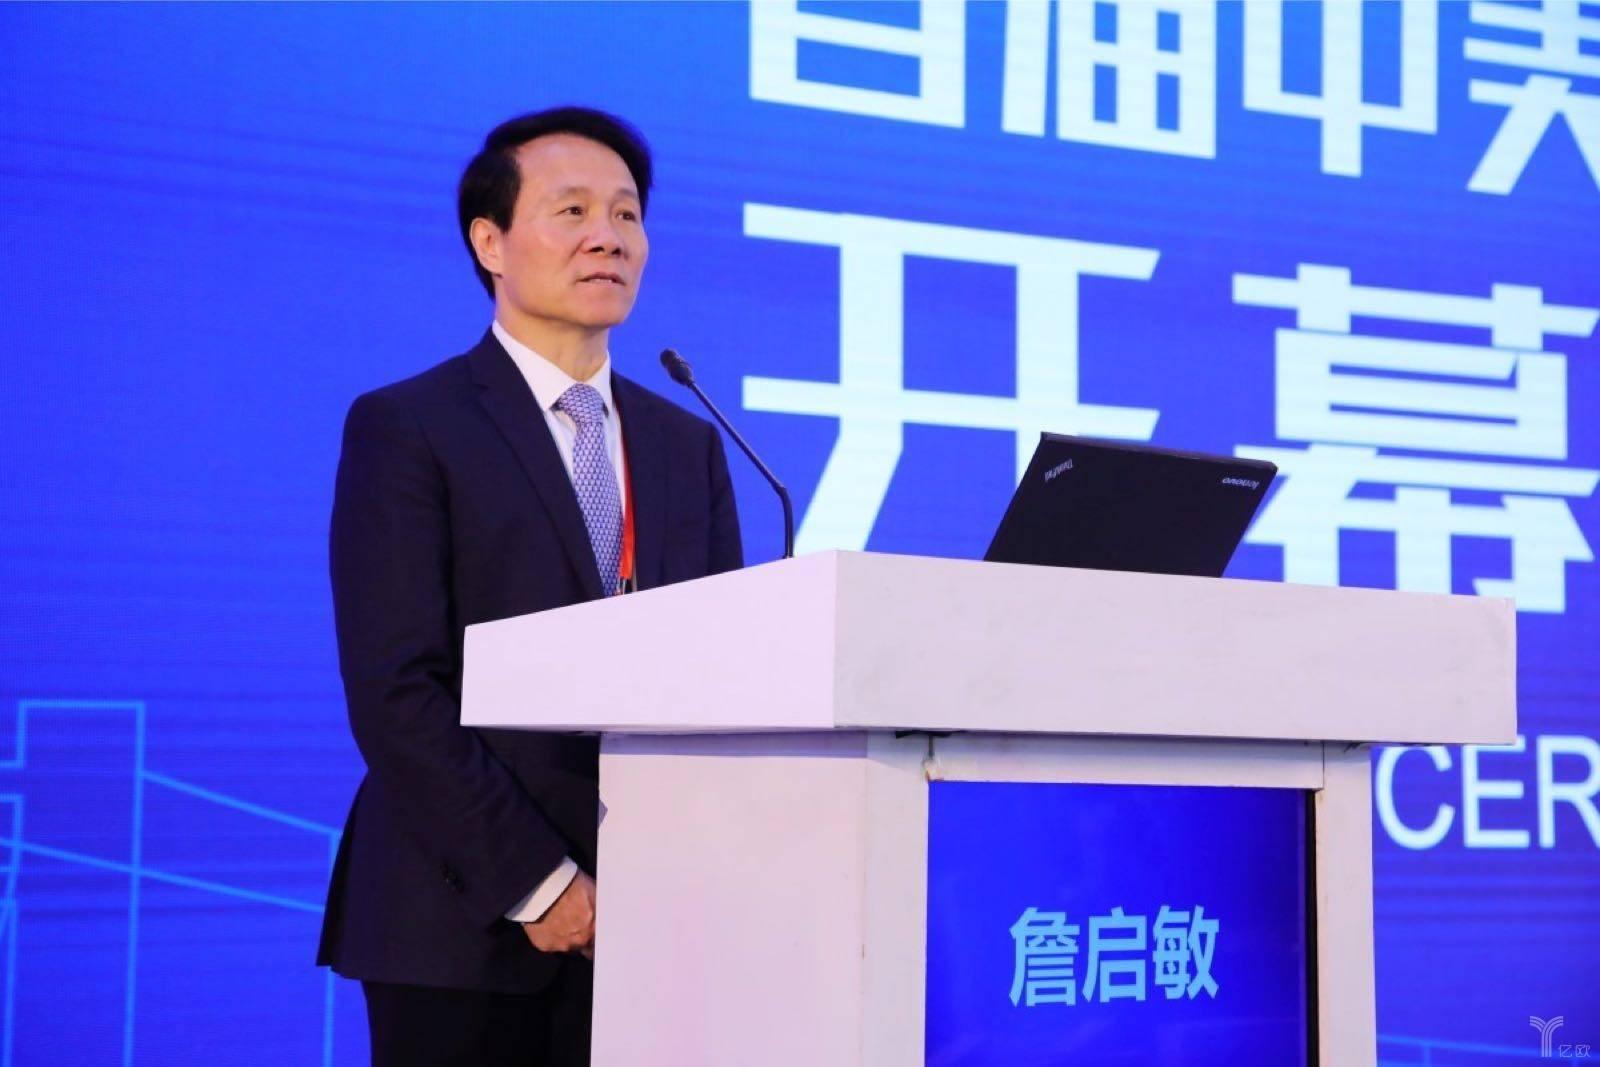 詹启敏,中美医院合作峰会